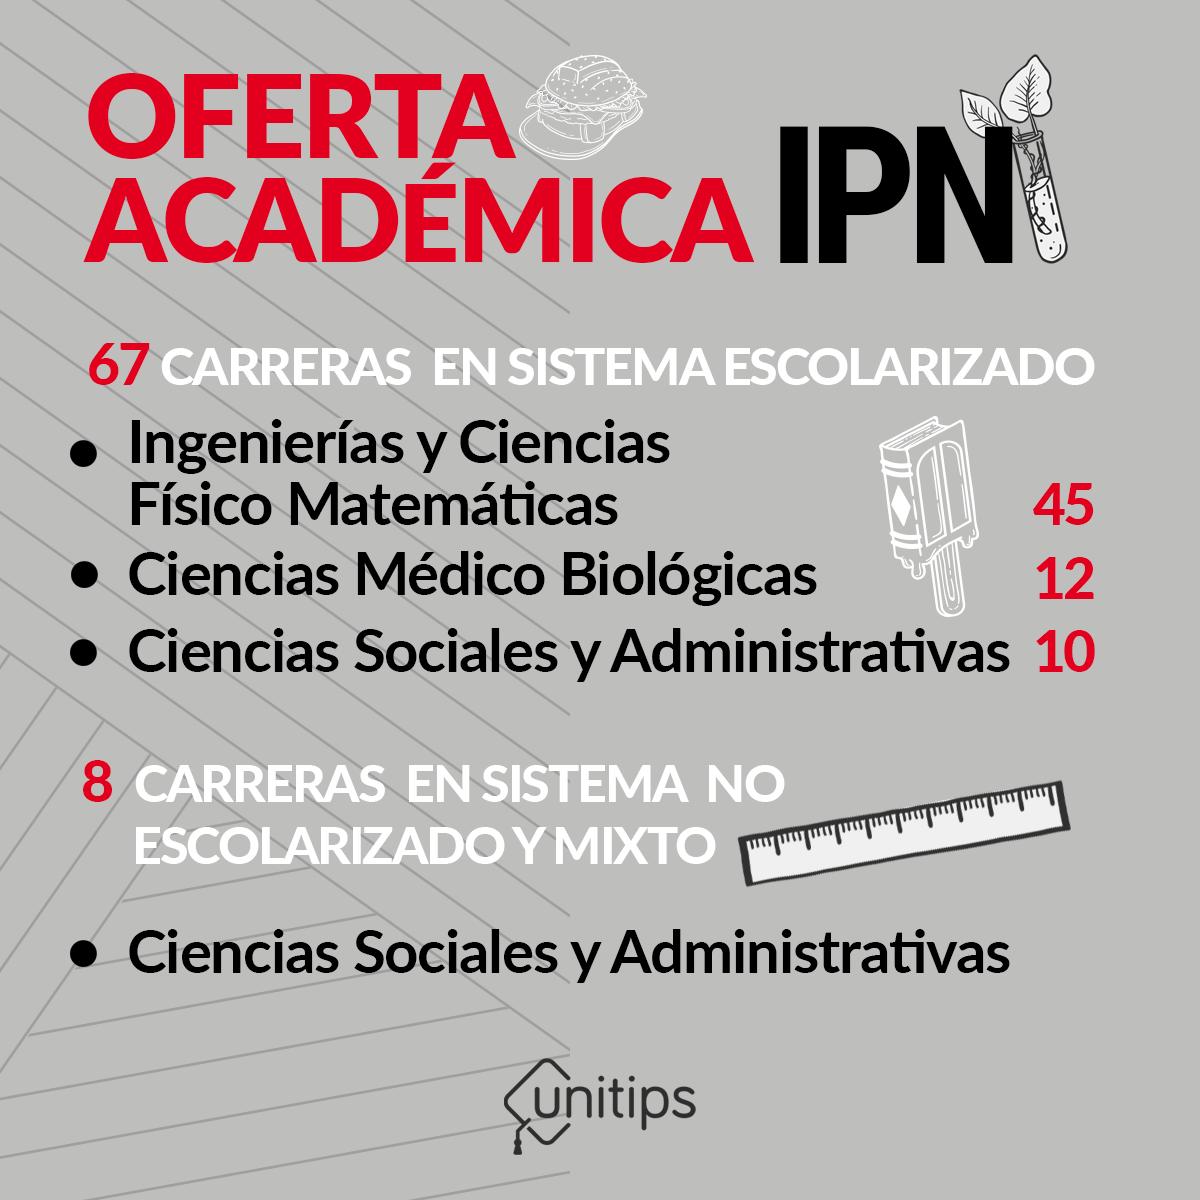 OFERTA.-ACADEMICA.-DEL-IPN